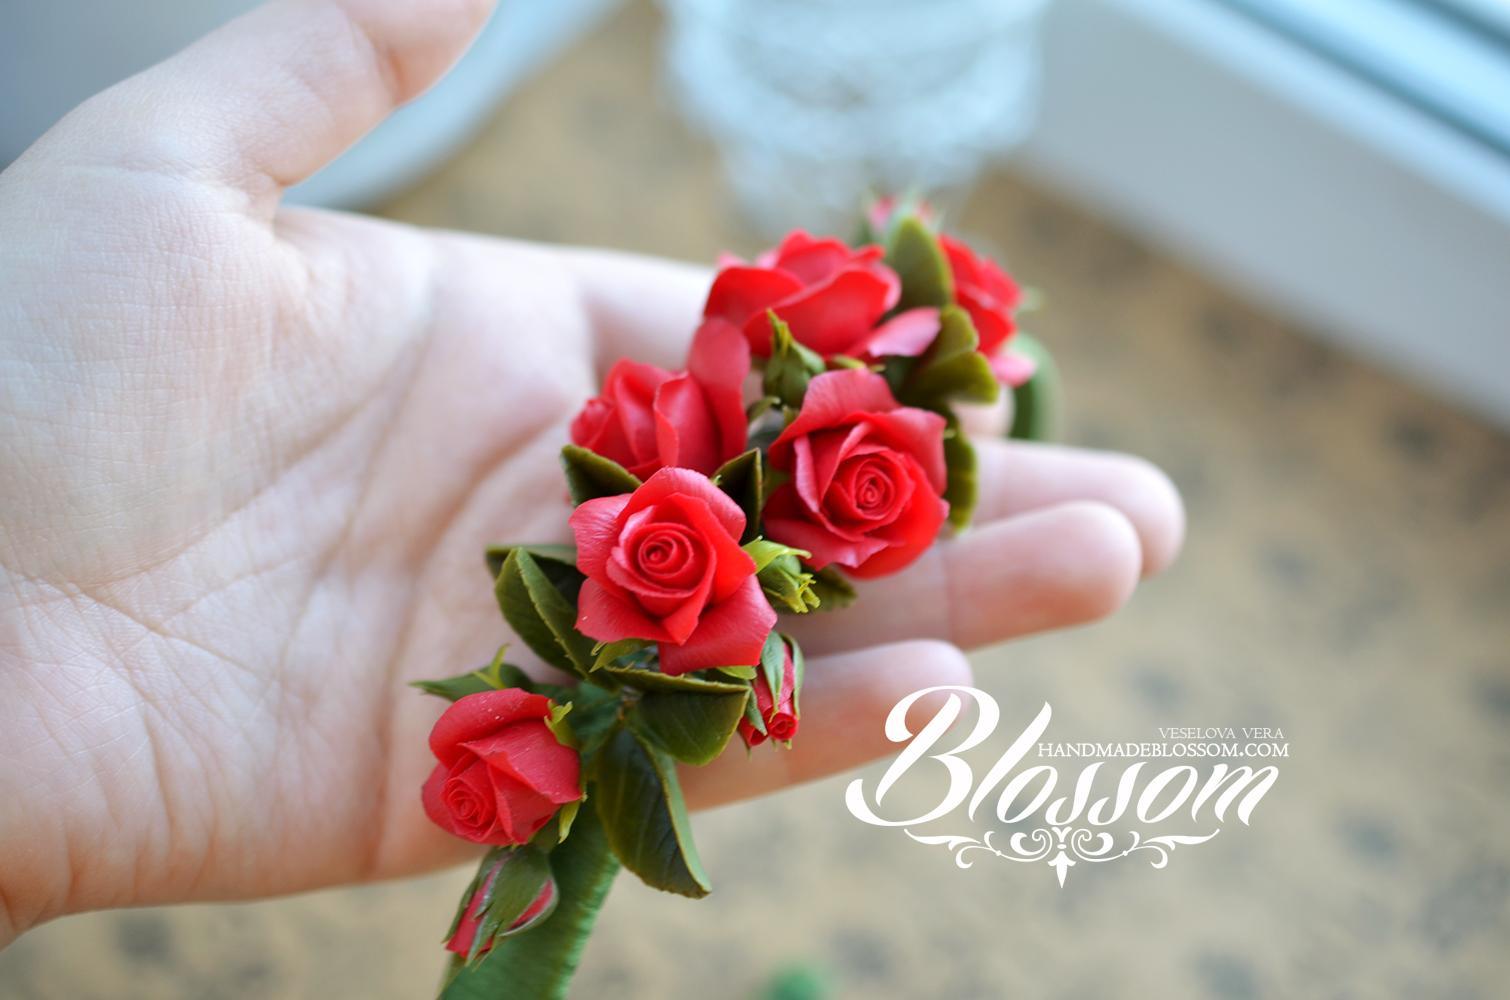 ободок, волосы, розы, красные розы, полимерная глина, пластика, фимо, красный, цветы, украшение, прическа, свадьба, 8 марта, handmade, polymer clay, fimo, wedding, gift, girl, red, roses, red roses, flowers